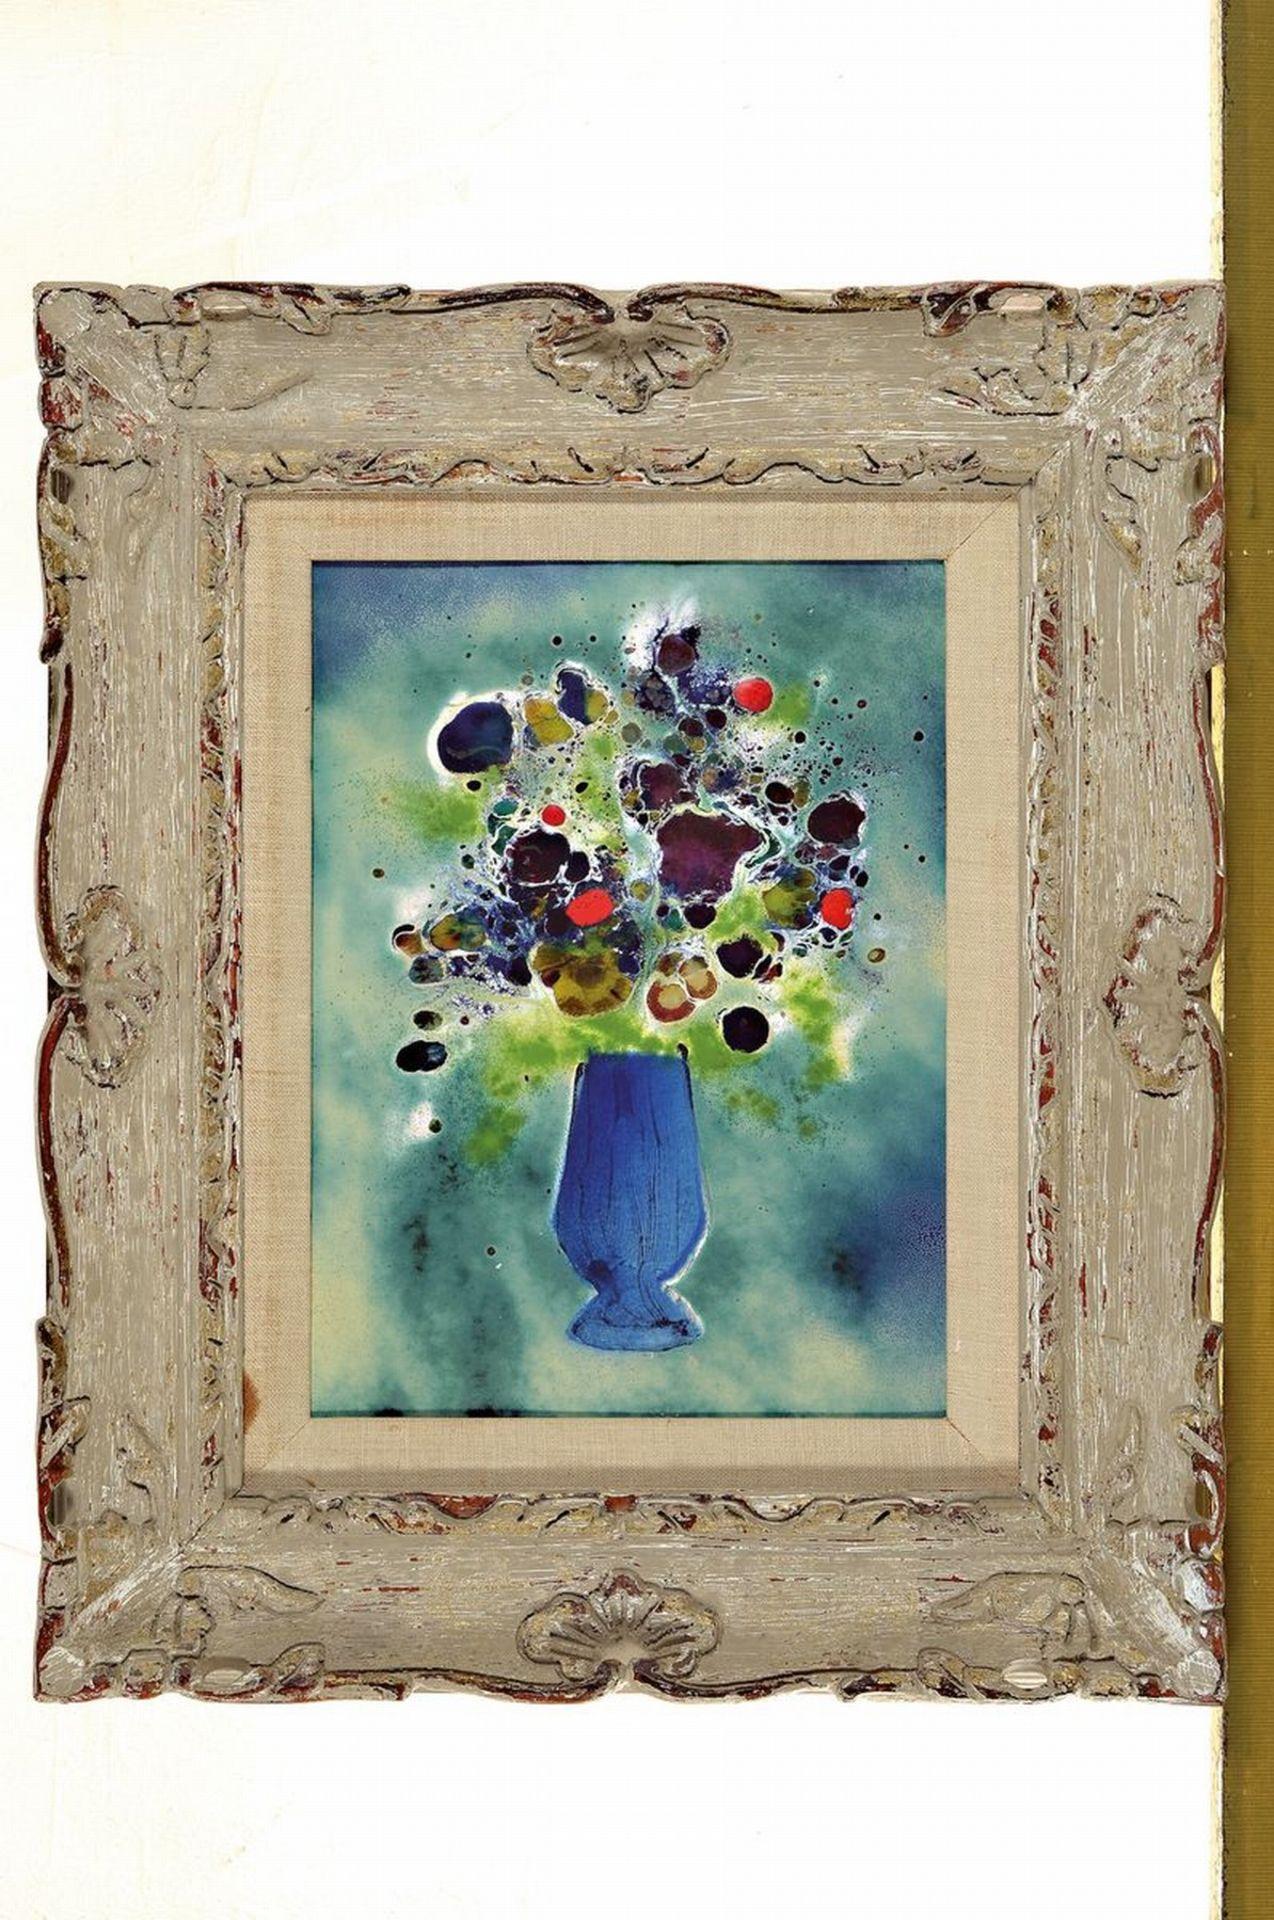 Unbekannter Künstler des 20.Jh., Emailbild - Bild 2 aus 2